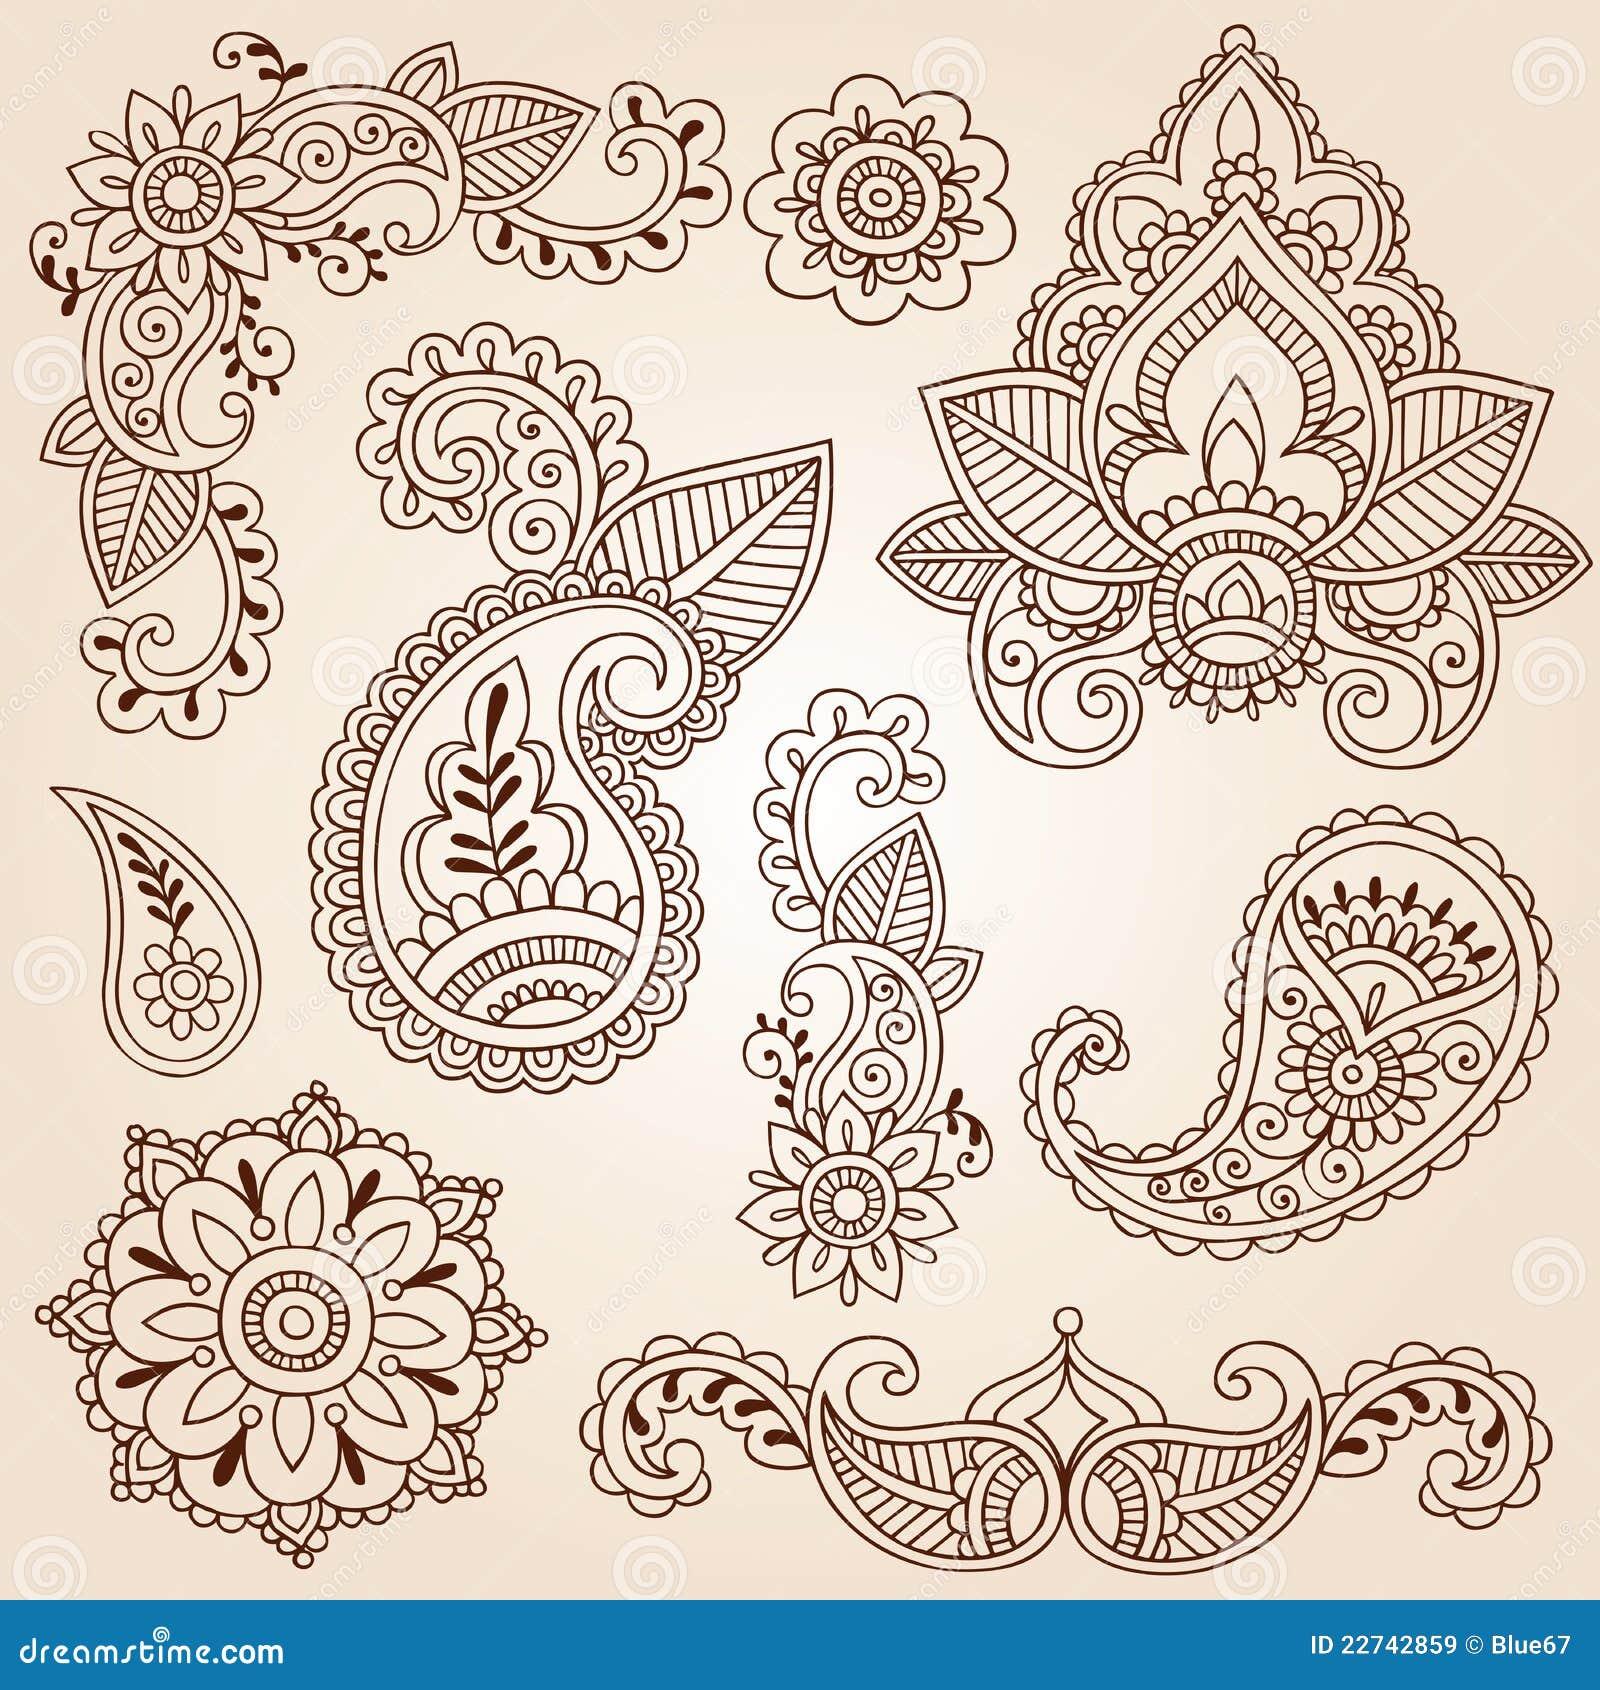 Geplaatste de Elementen van het Ontwerp van de Tatoegering van Mehndi van de Krabbels van de henna